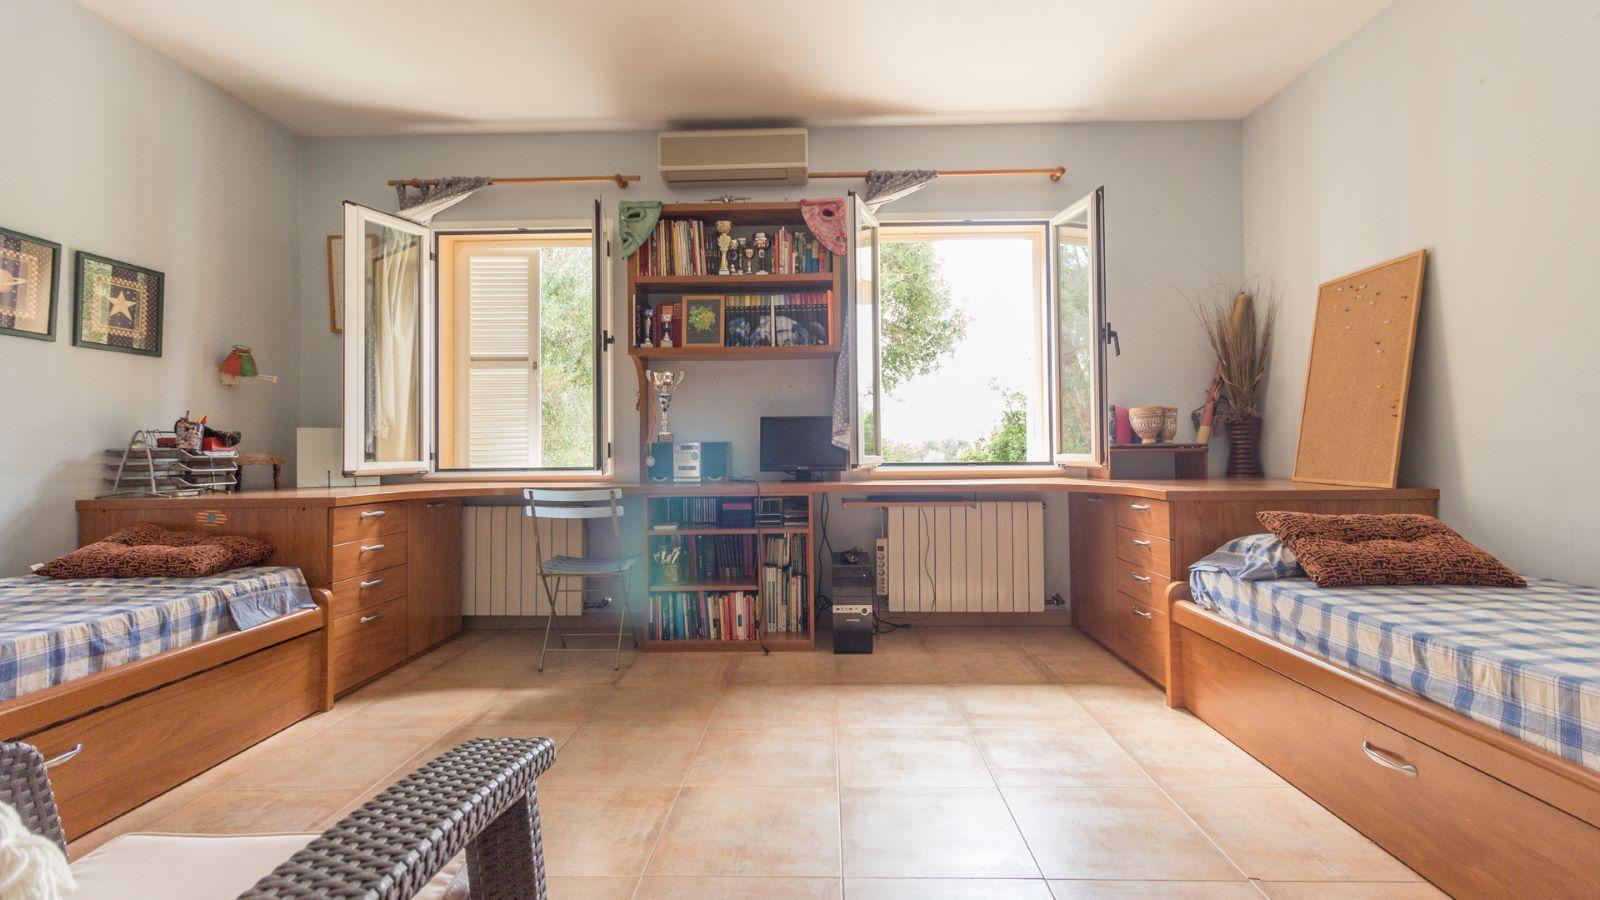 Villa in Binixica Ref: M8315 9